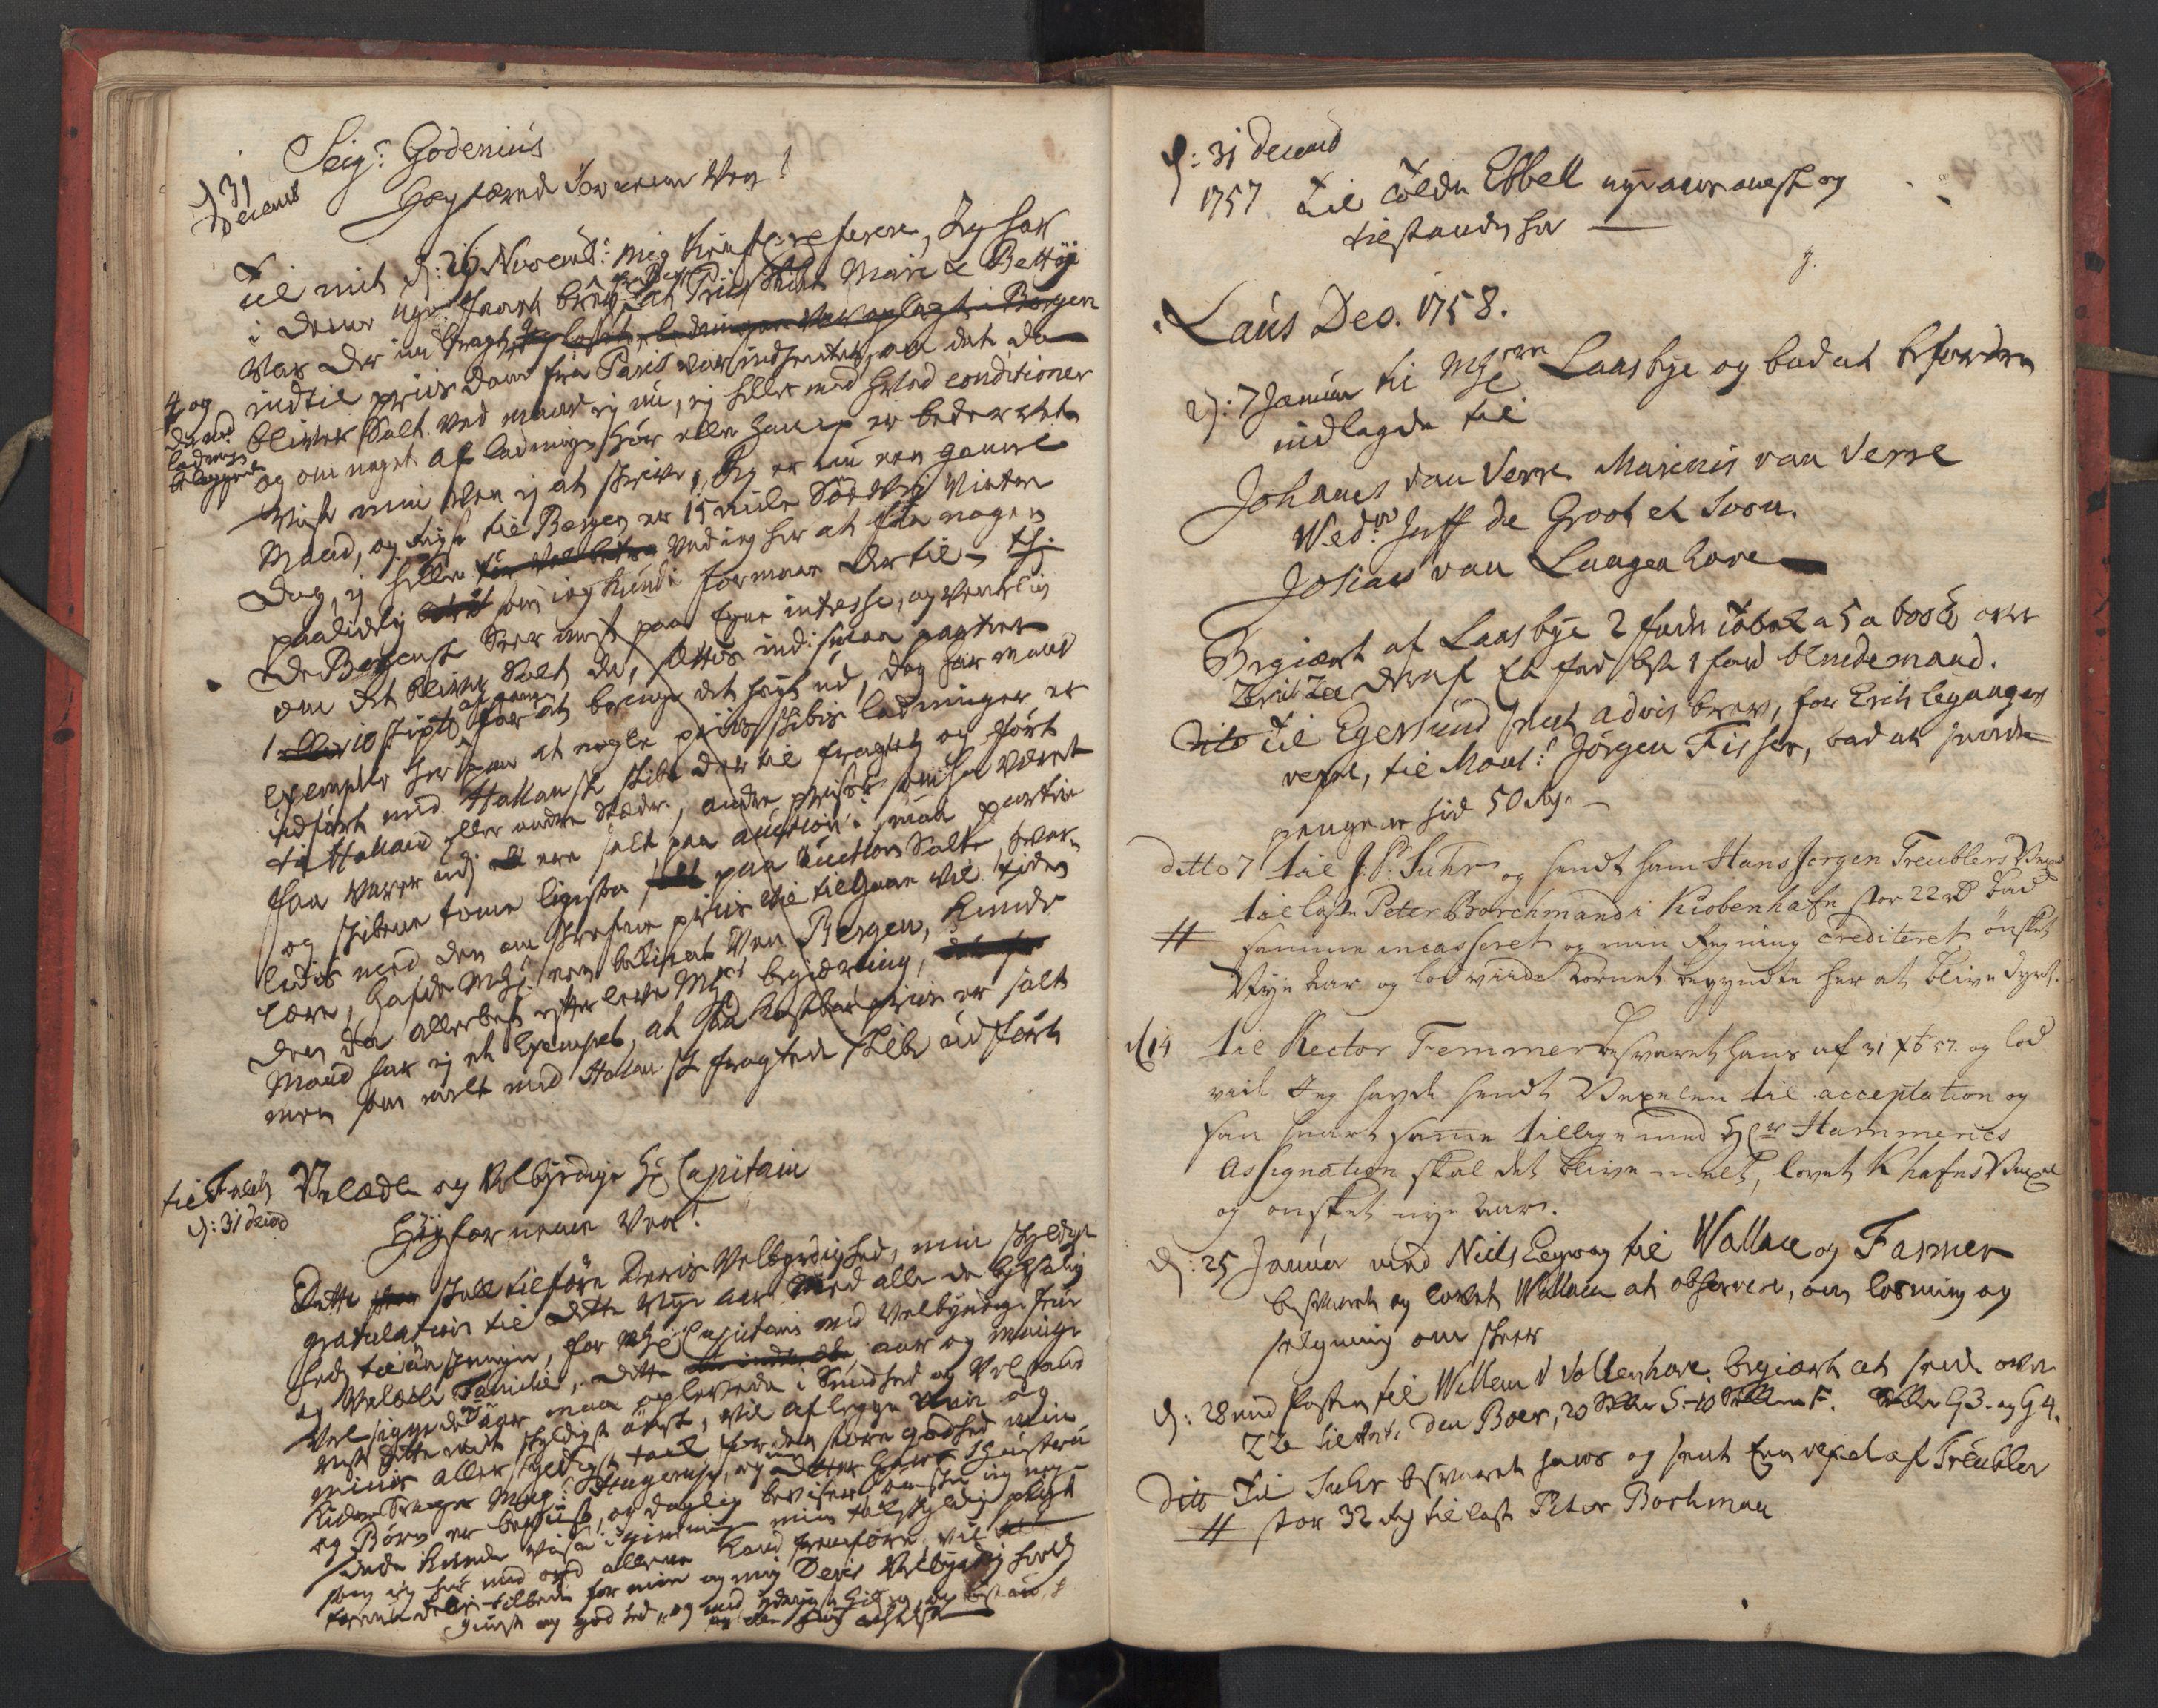 SAST, Pa 0119 - Smith, Lauritz Andersen og Lauritz Lauritzen, O/L0002: Kopibok, 1755-1766, s. 57